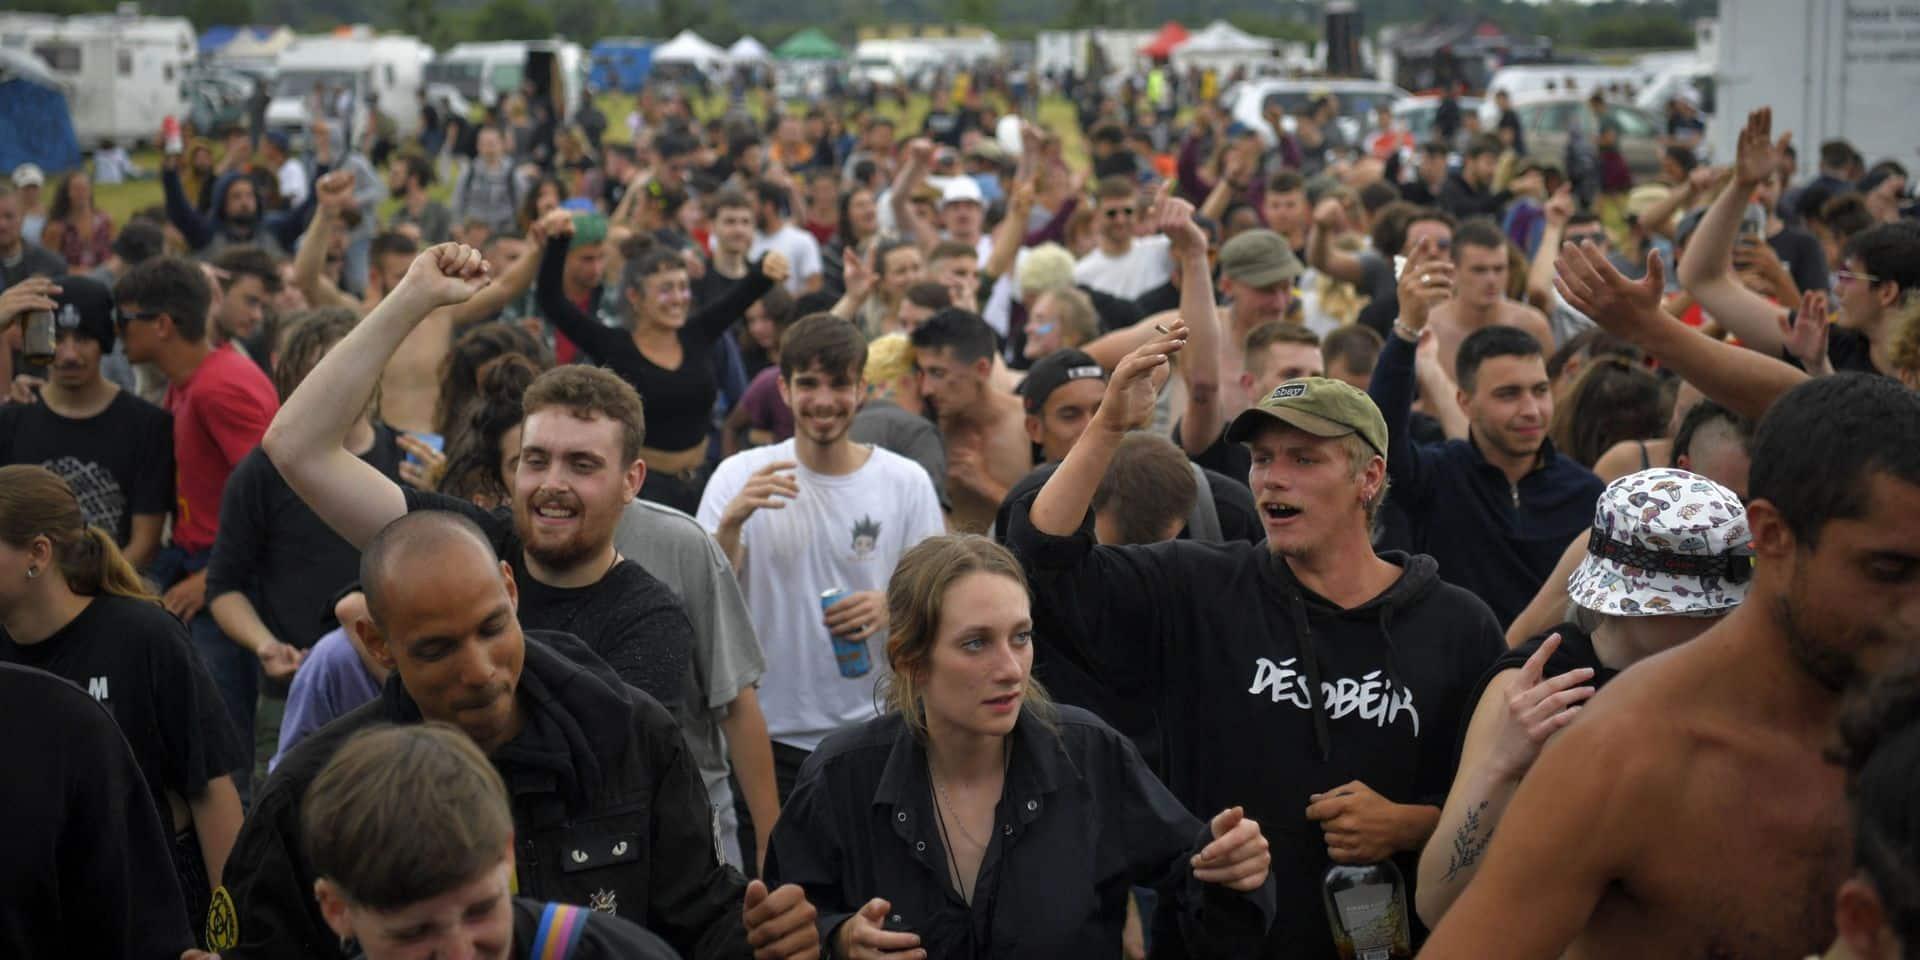 Rave party en Bretagne: cinq personnes en garde à vue